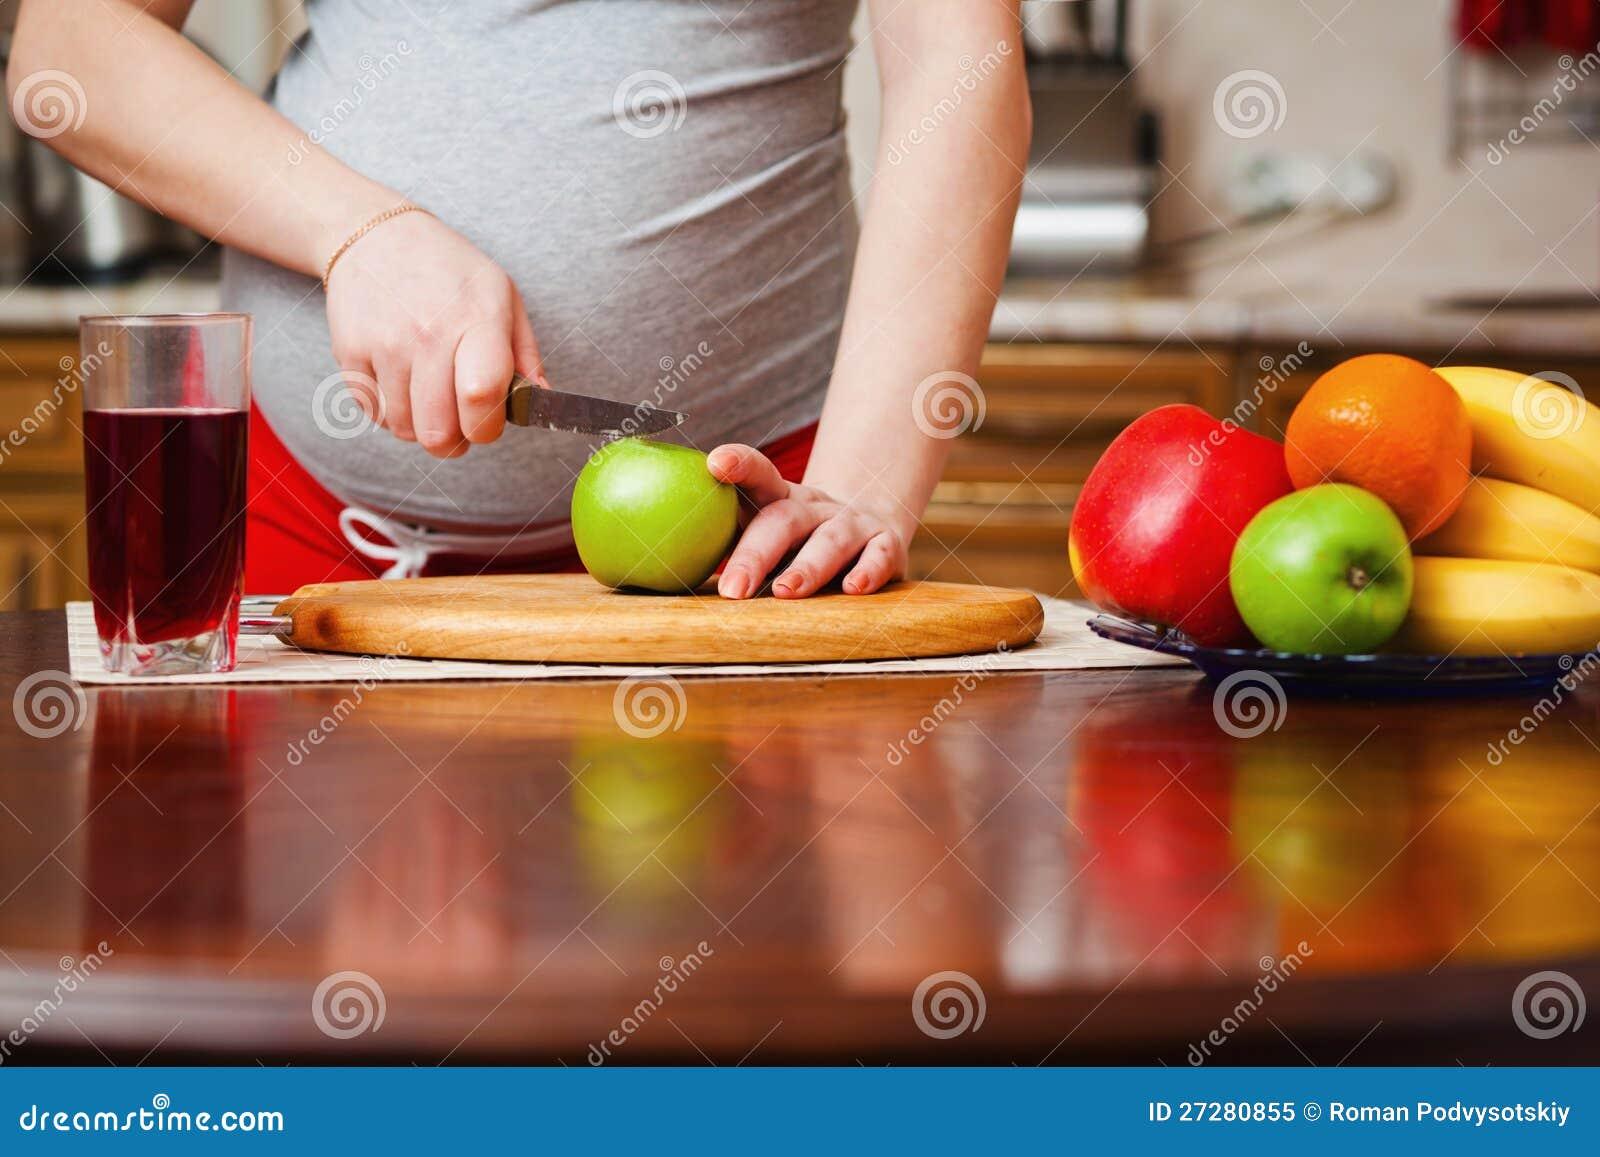 厨房的美丽的孕妇